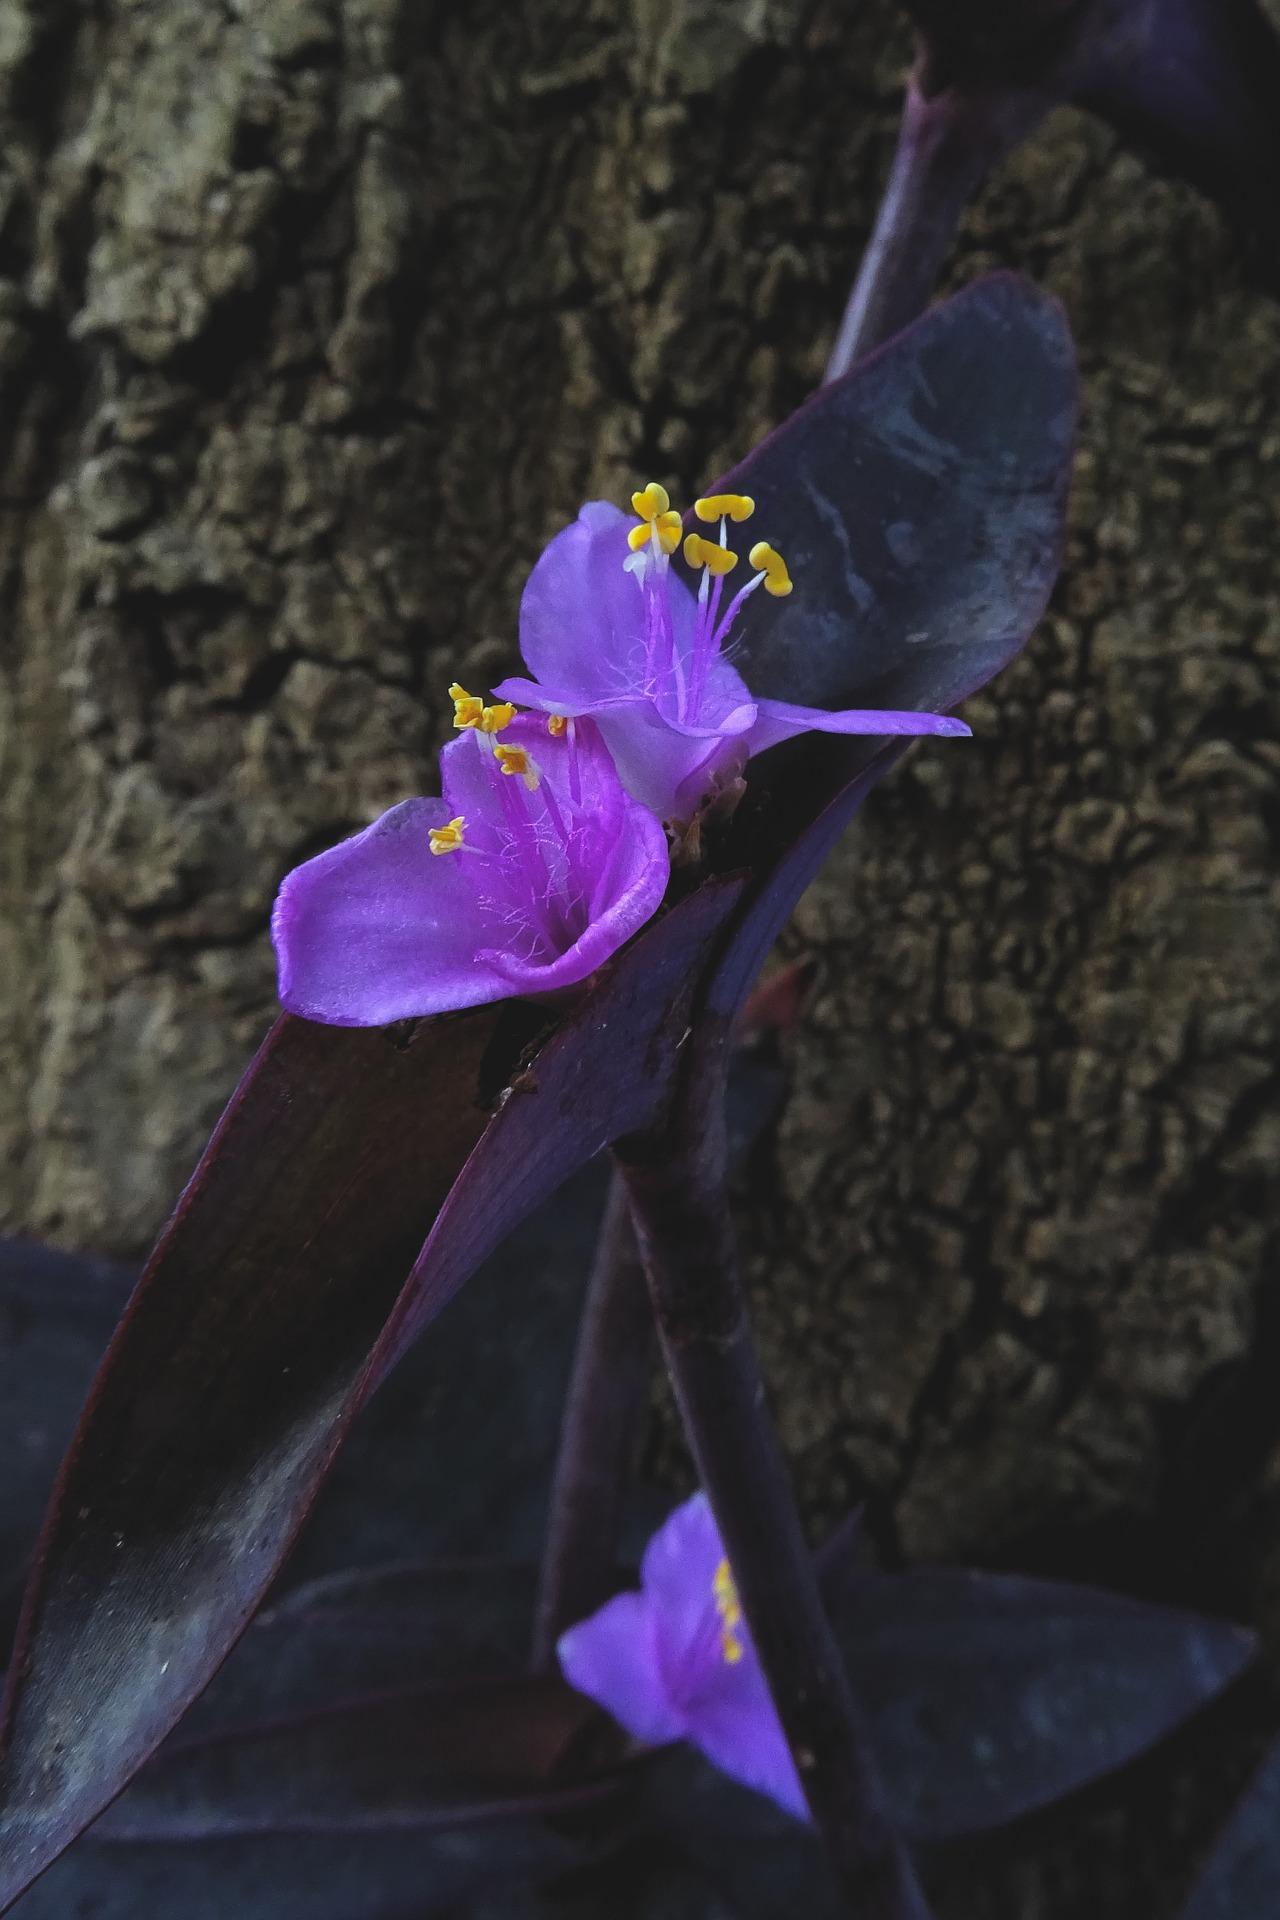 lilac flowering tradescantia